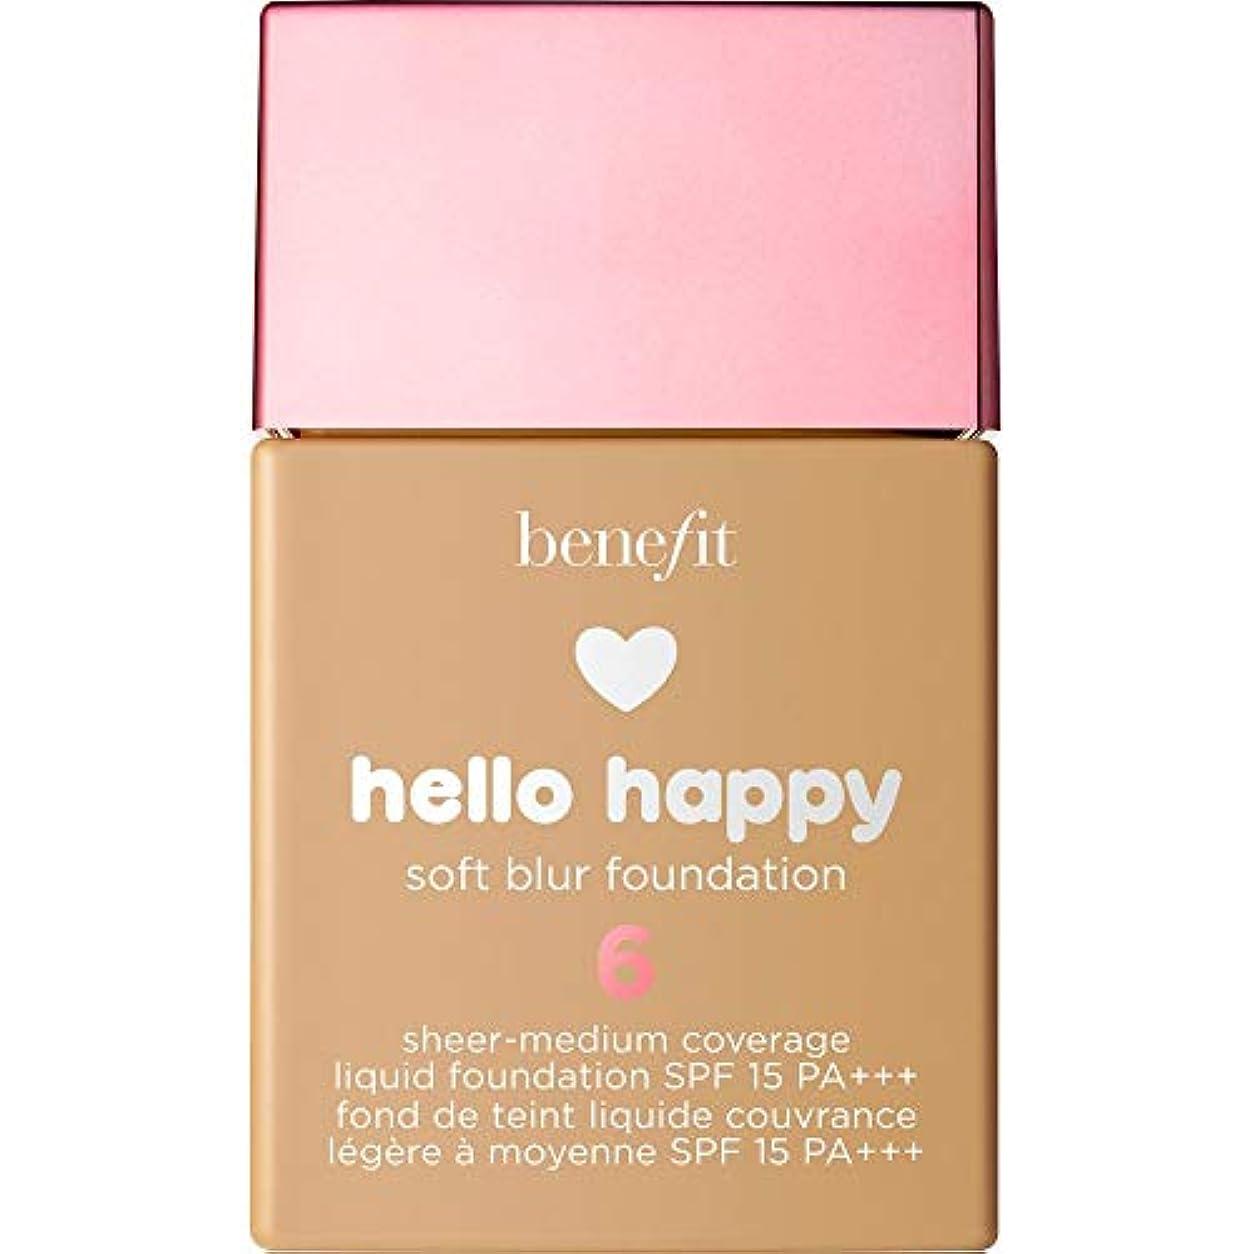 惨めなトランジスタシンジケート[Benefit] こんにちは幸せなソフトブラー基礎Spf15 30ミリリットル6に利益をもたらす - 温培地 - Benefit Hello Happy Soft Blur Foundation SPF15 30ml...